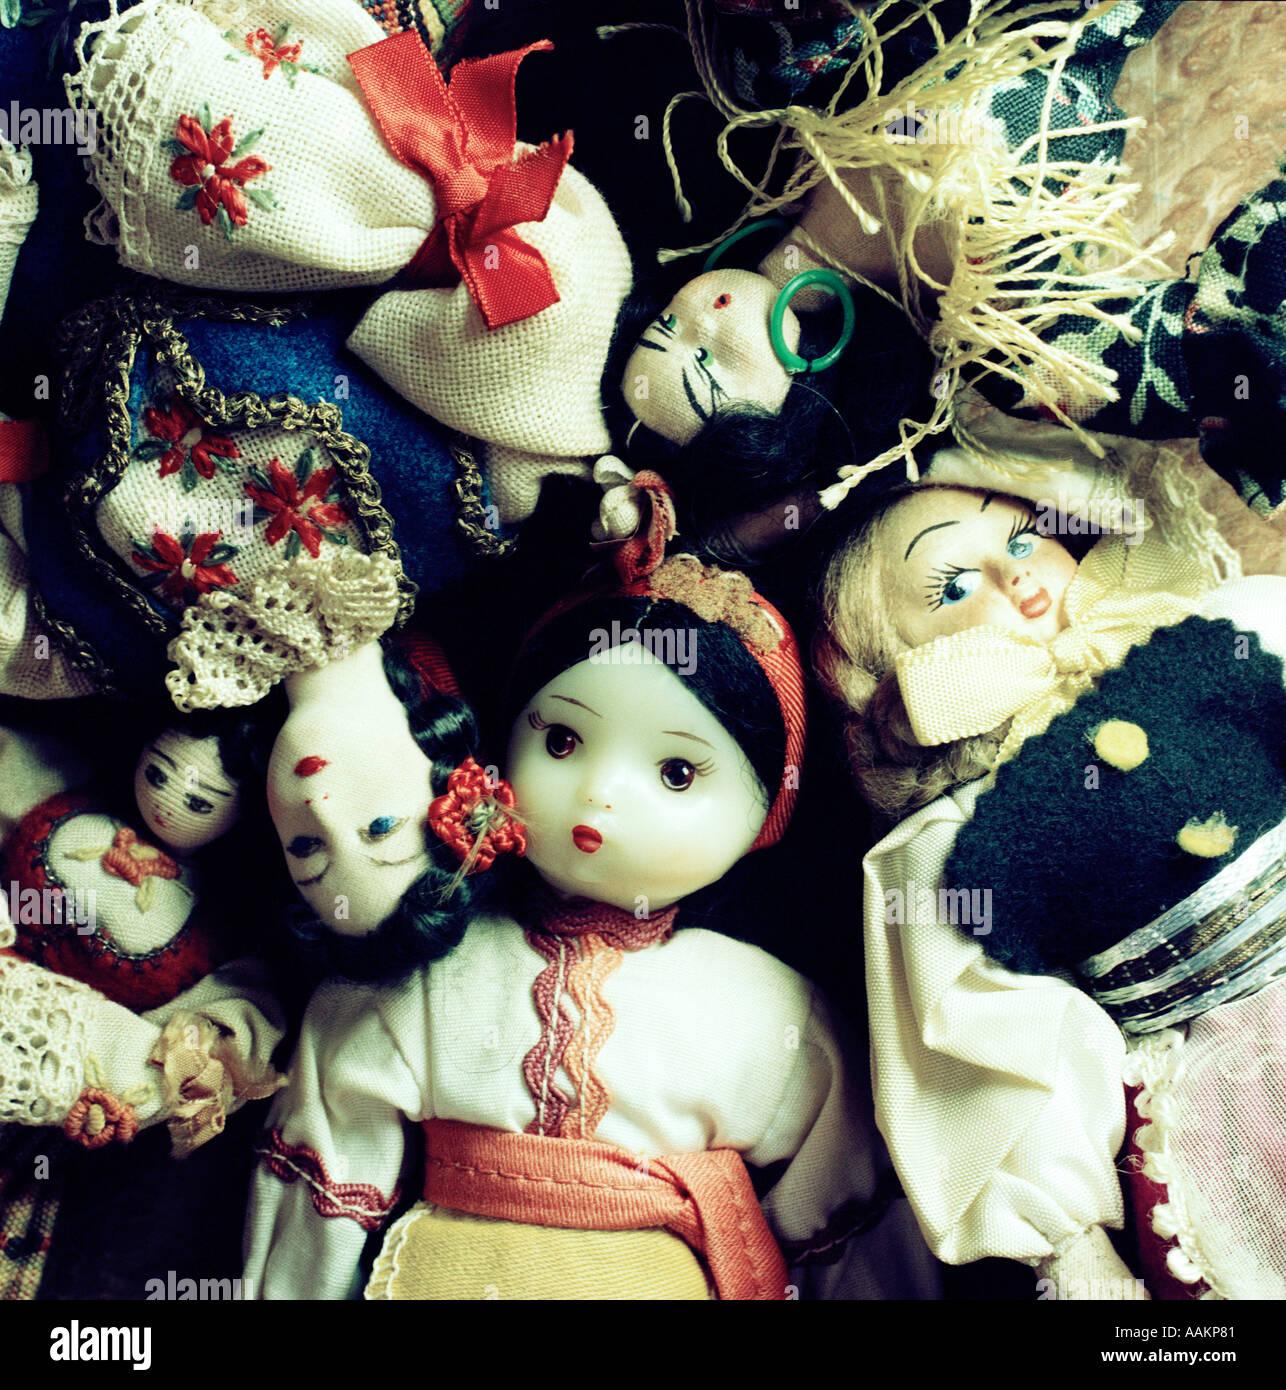 Bambole etniche Shot dal di sopra Immagini Stock